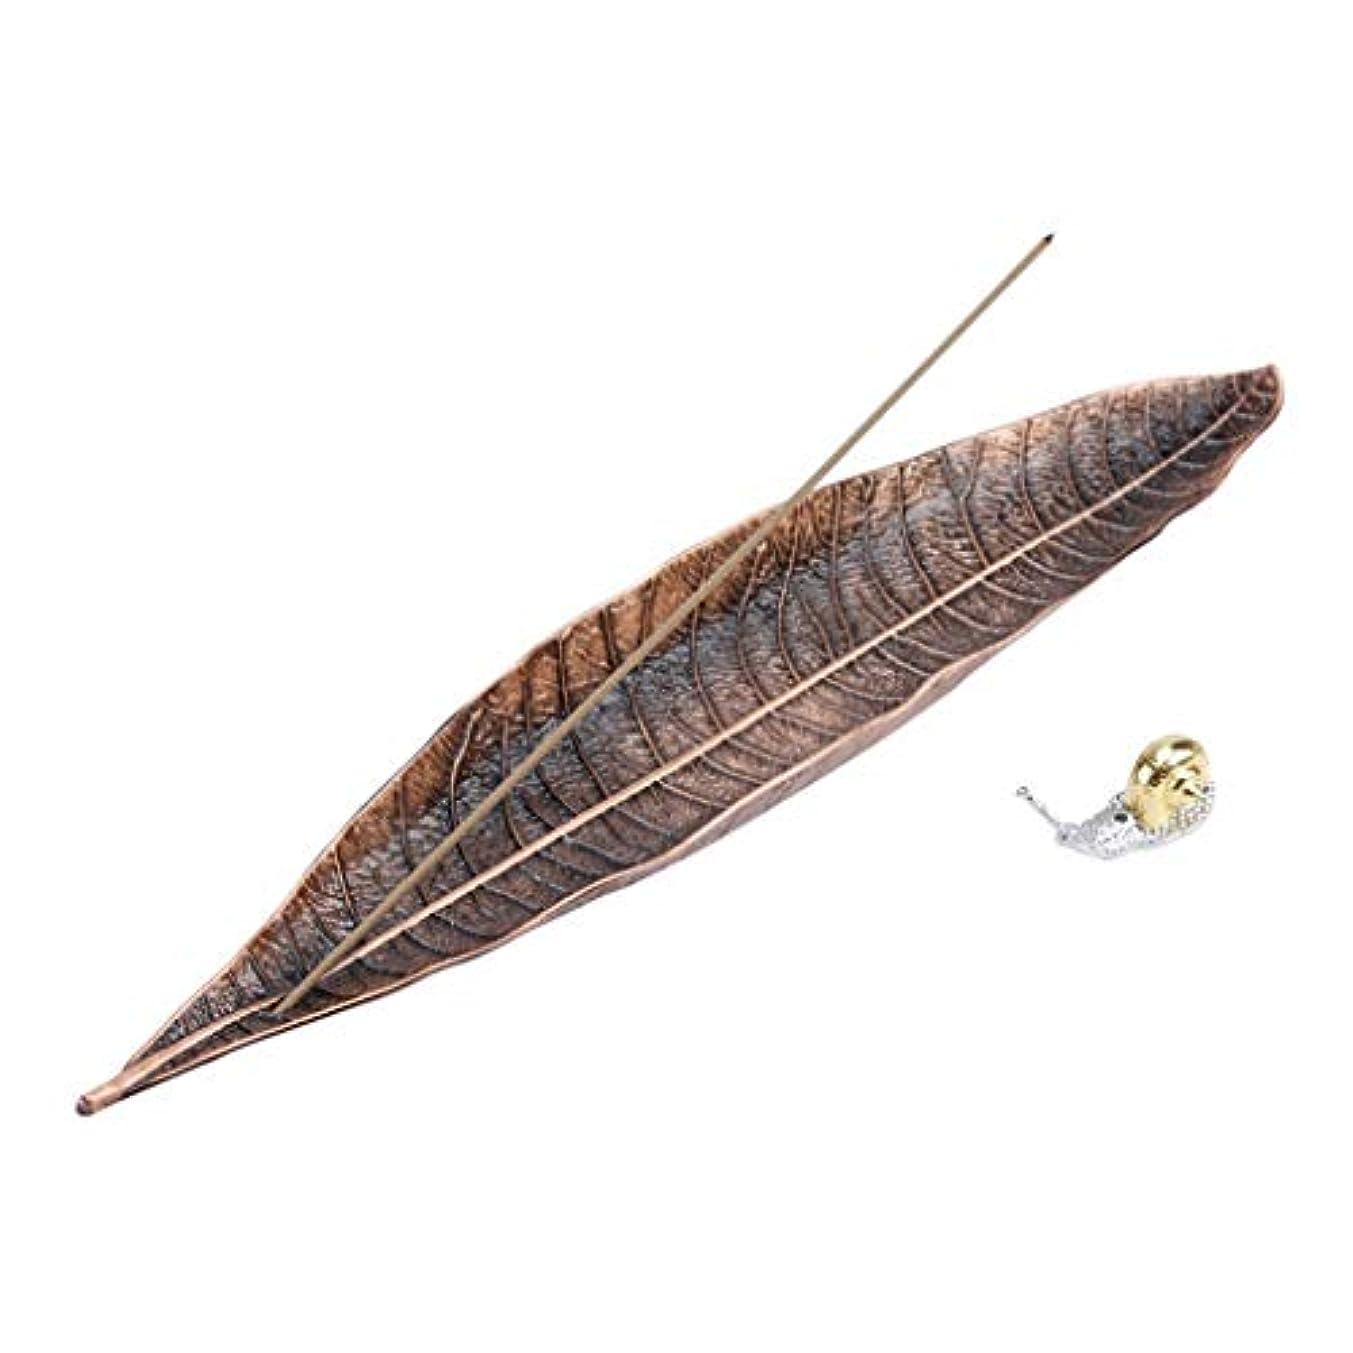 喜ぶ詩人光電ホームアロマバーナー カタツムリの香の棒のホールダーの家の装飾の付属品が付いている葉の香のホールダーの灰のキャッチャーの長い香バーナー 芳香器アロマバーナー (Color : A)